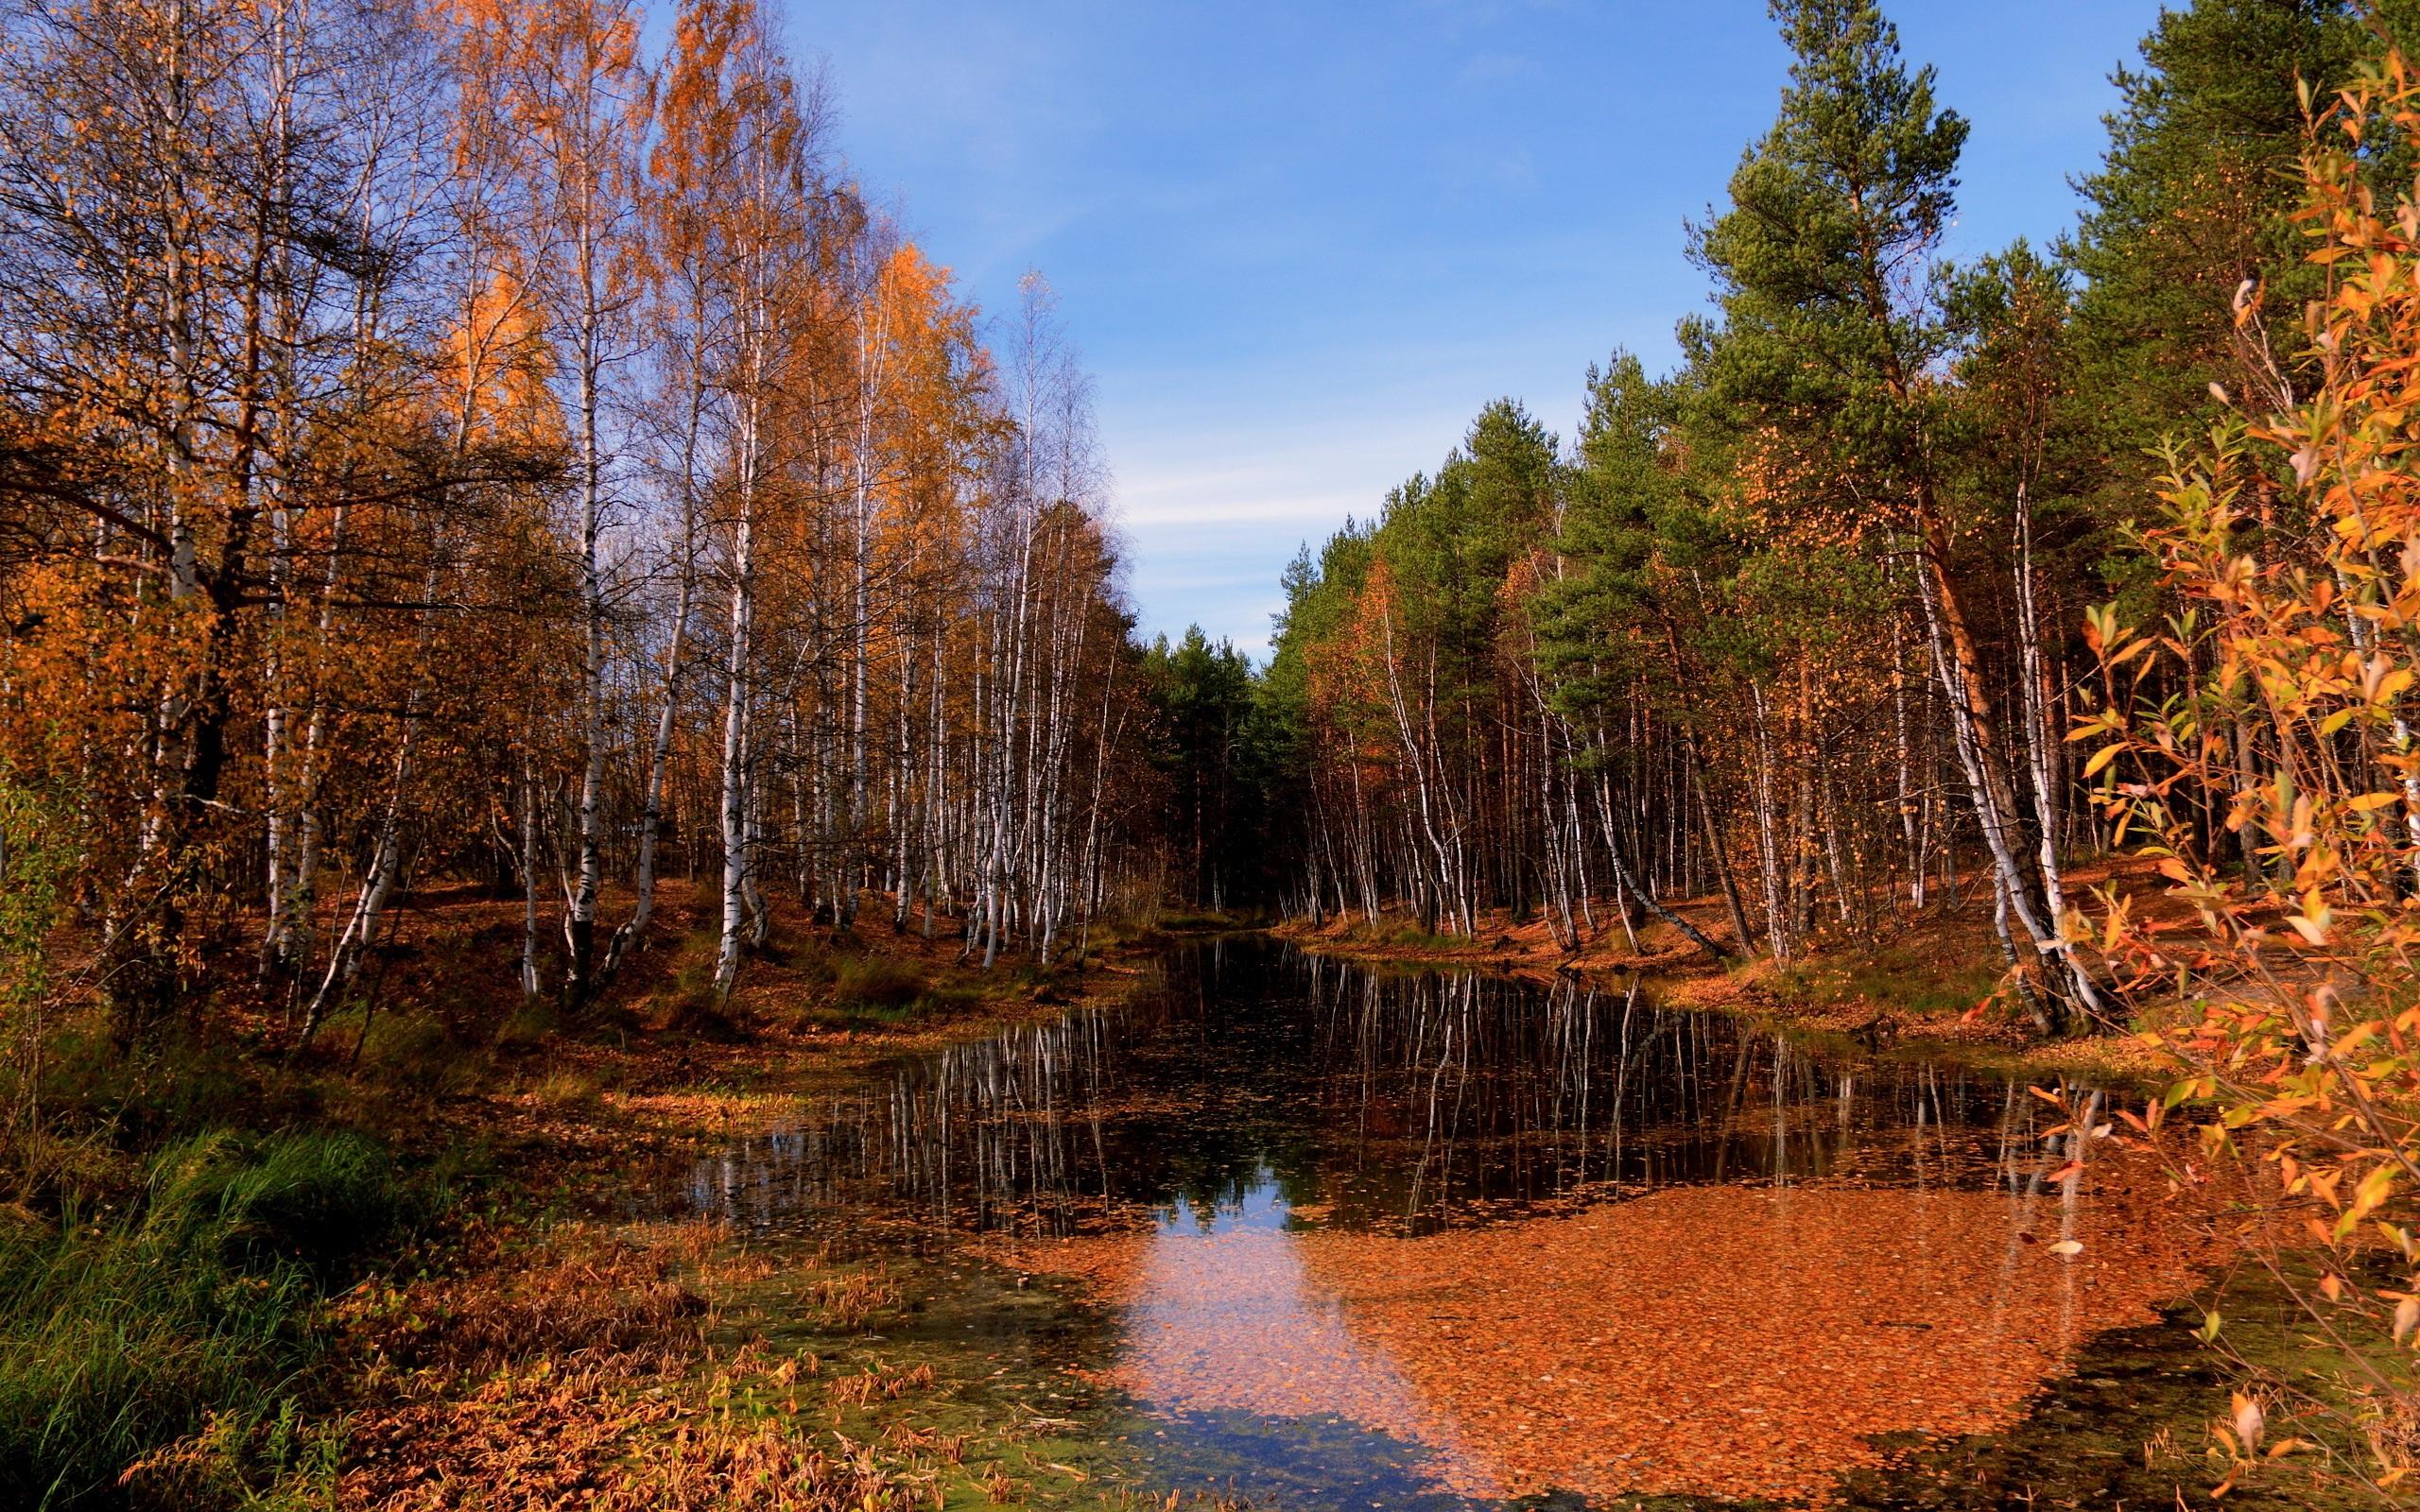 река лес  № 2789248 загрузить